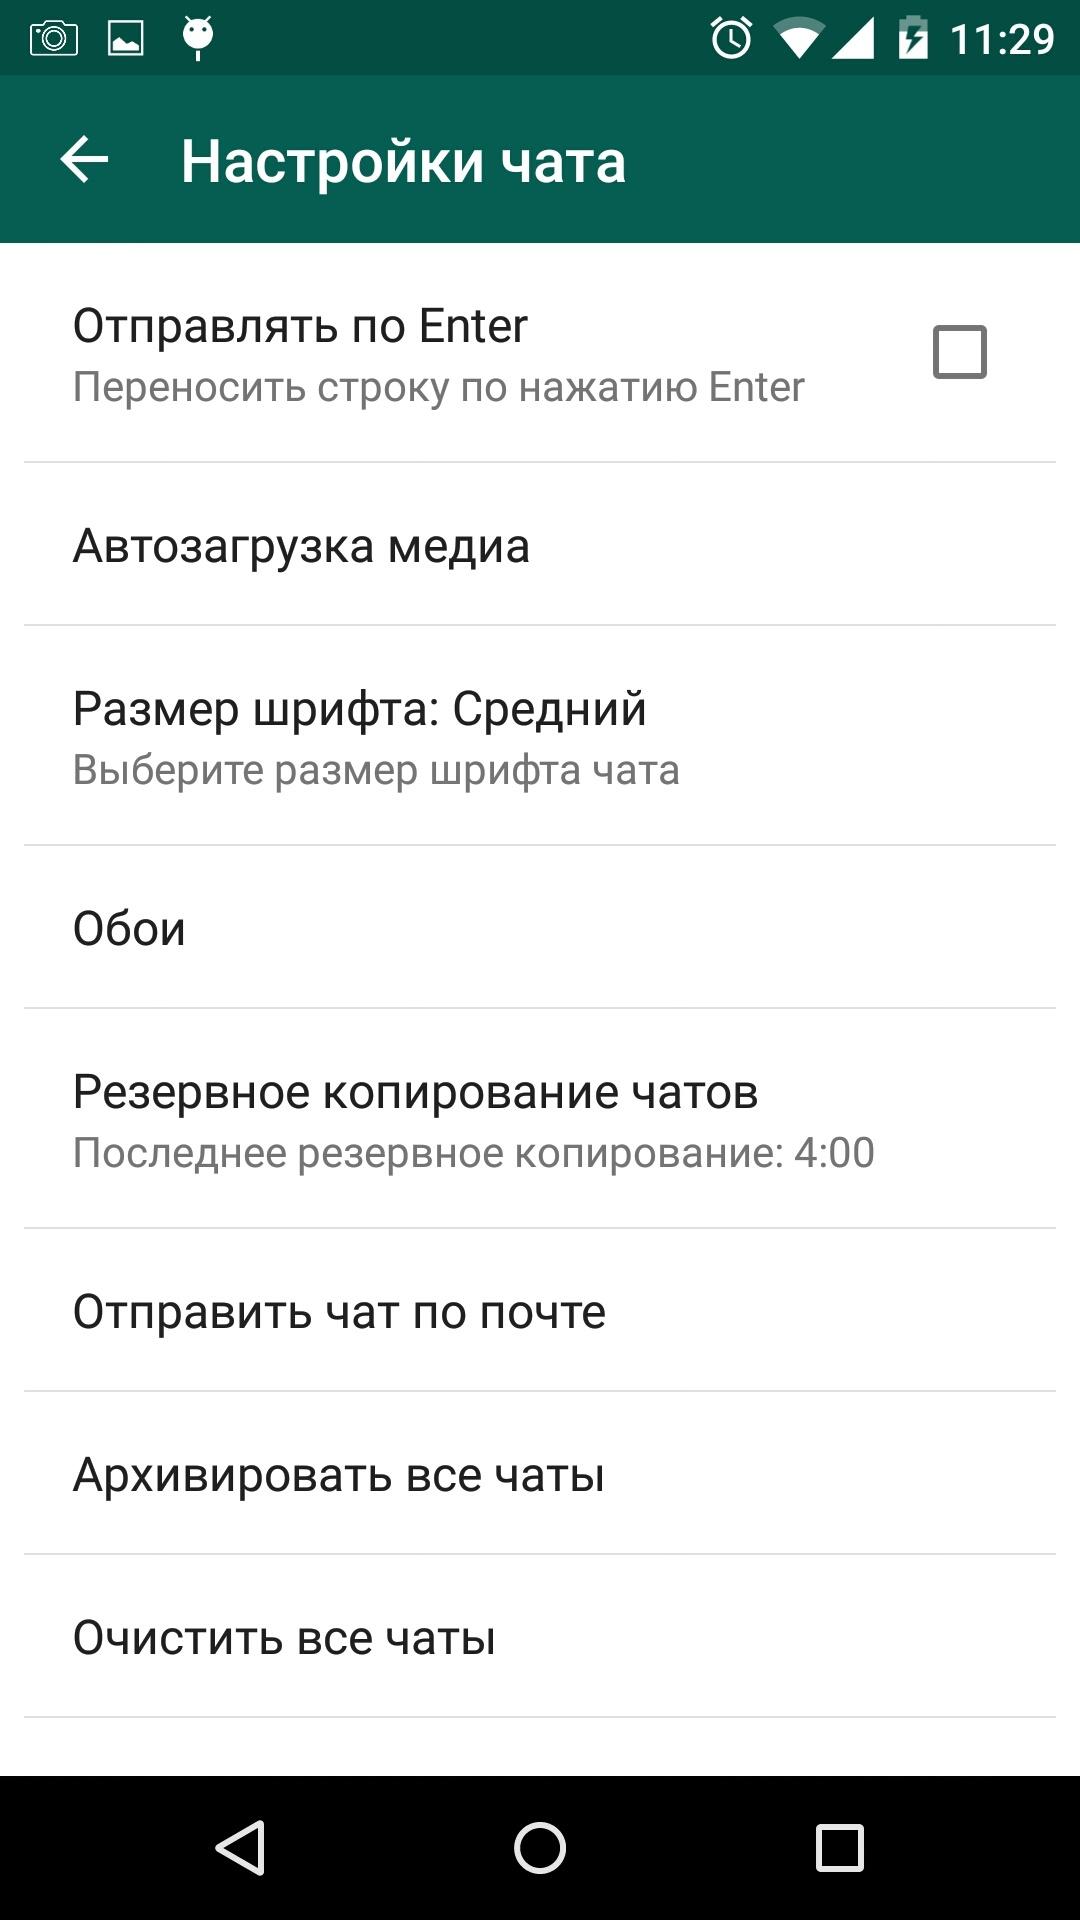 Как сделать рассылка по whatsapp